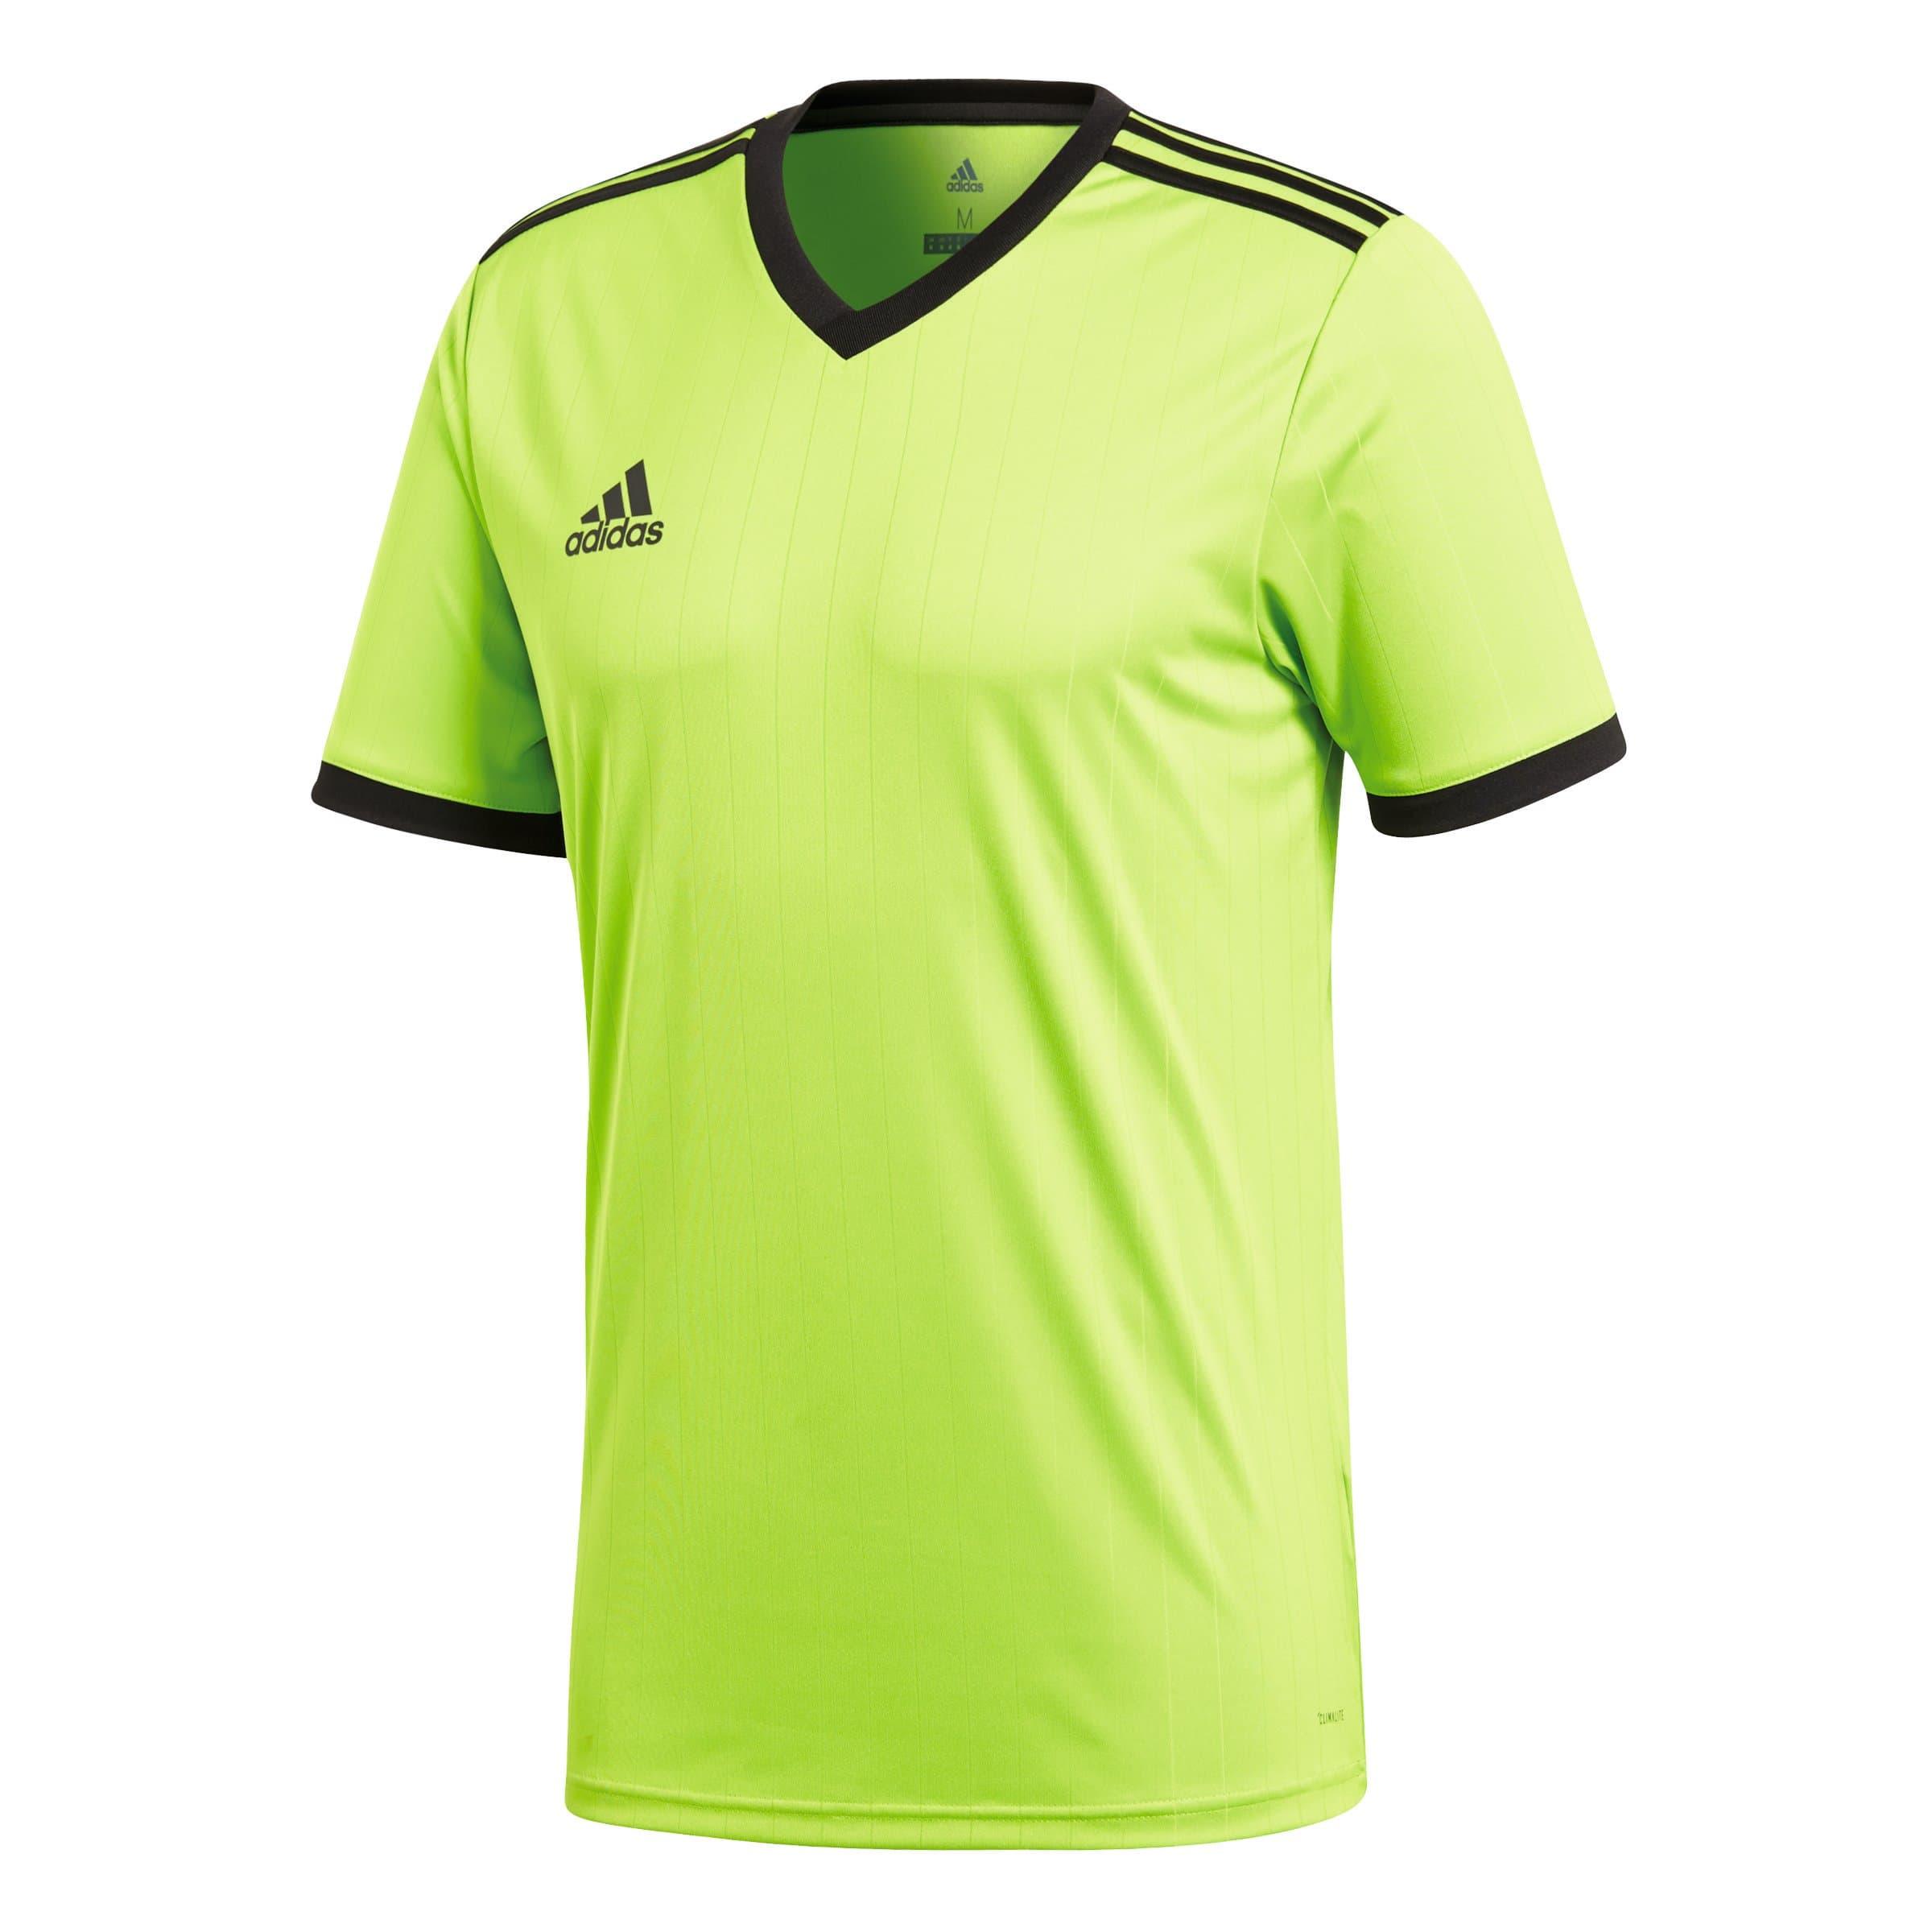 45e2f0c4ea Adidas Tabela 18 Jersey Maglietta da calcio per bambini   Migros